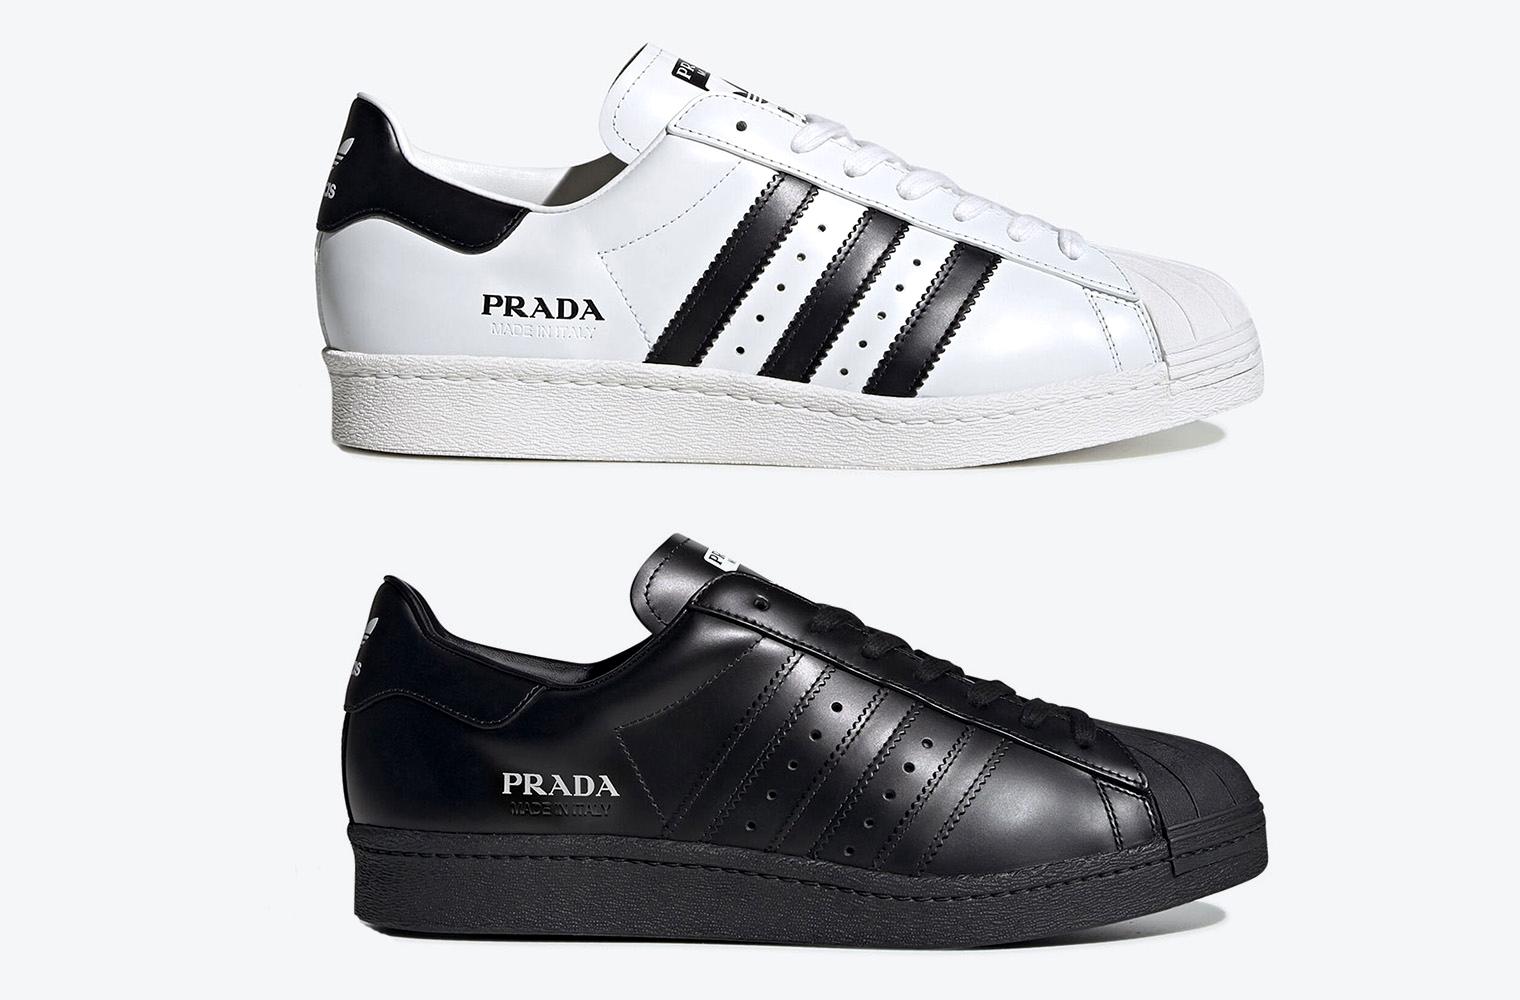 Две новые расцветки Prada x adidas Superstar